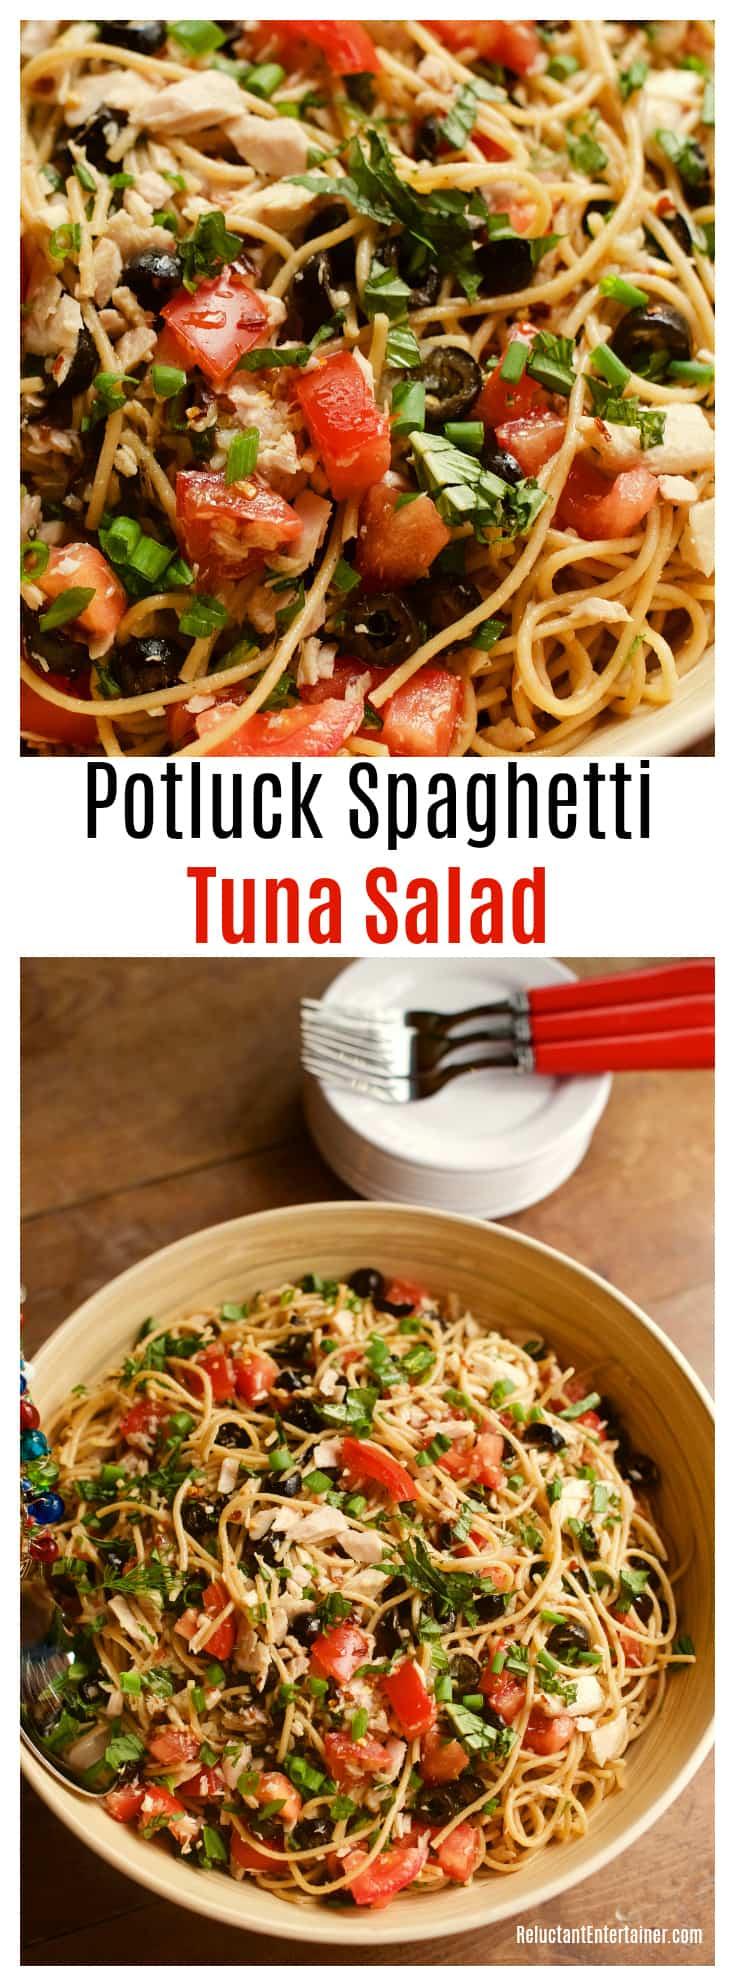 Potluck Spaghetti Tuna Salad Recipe